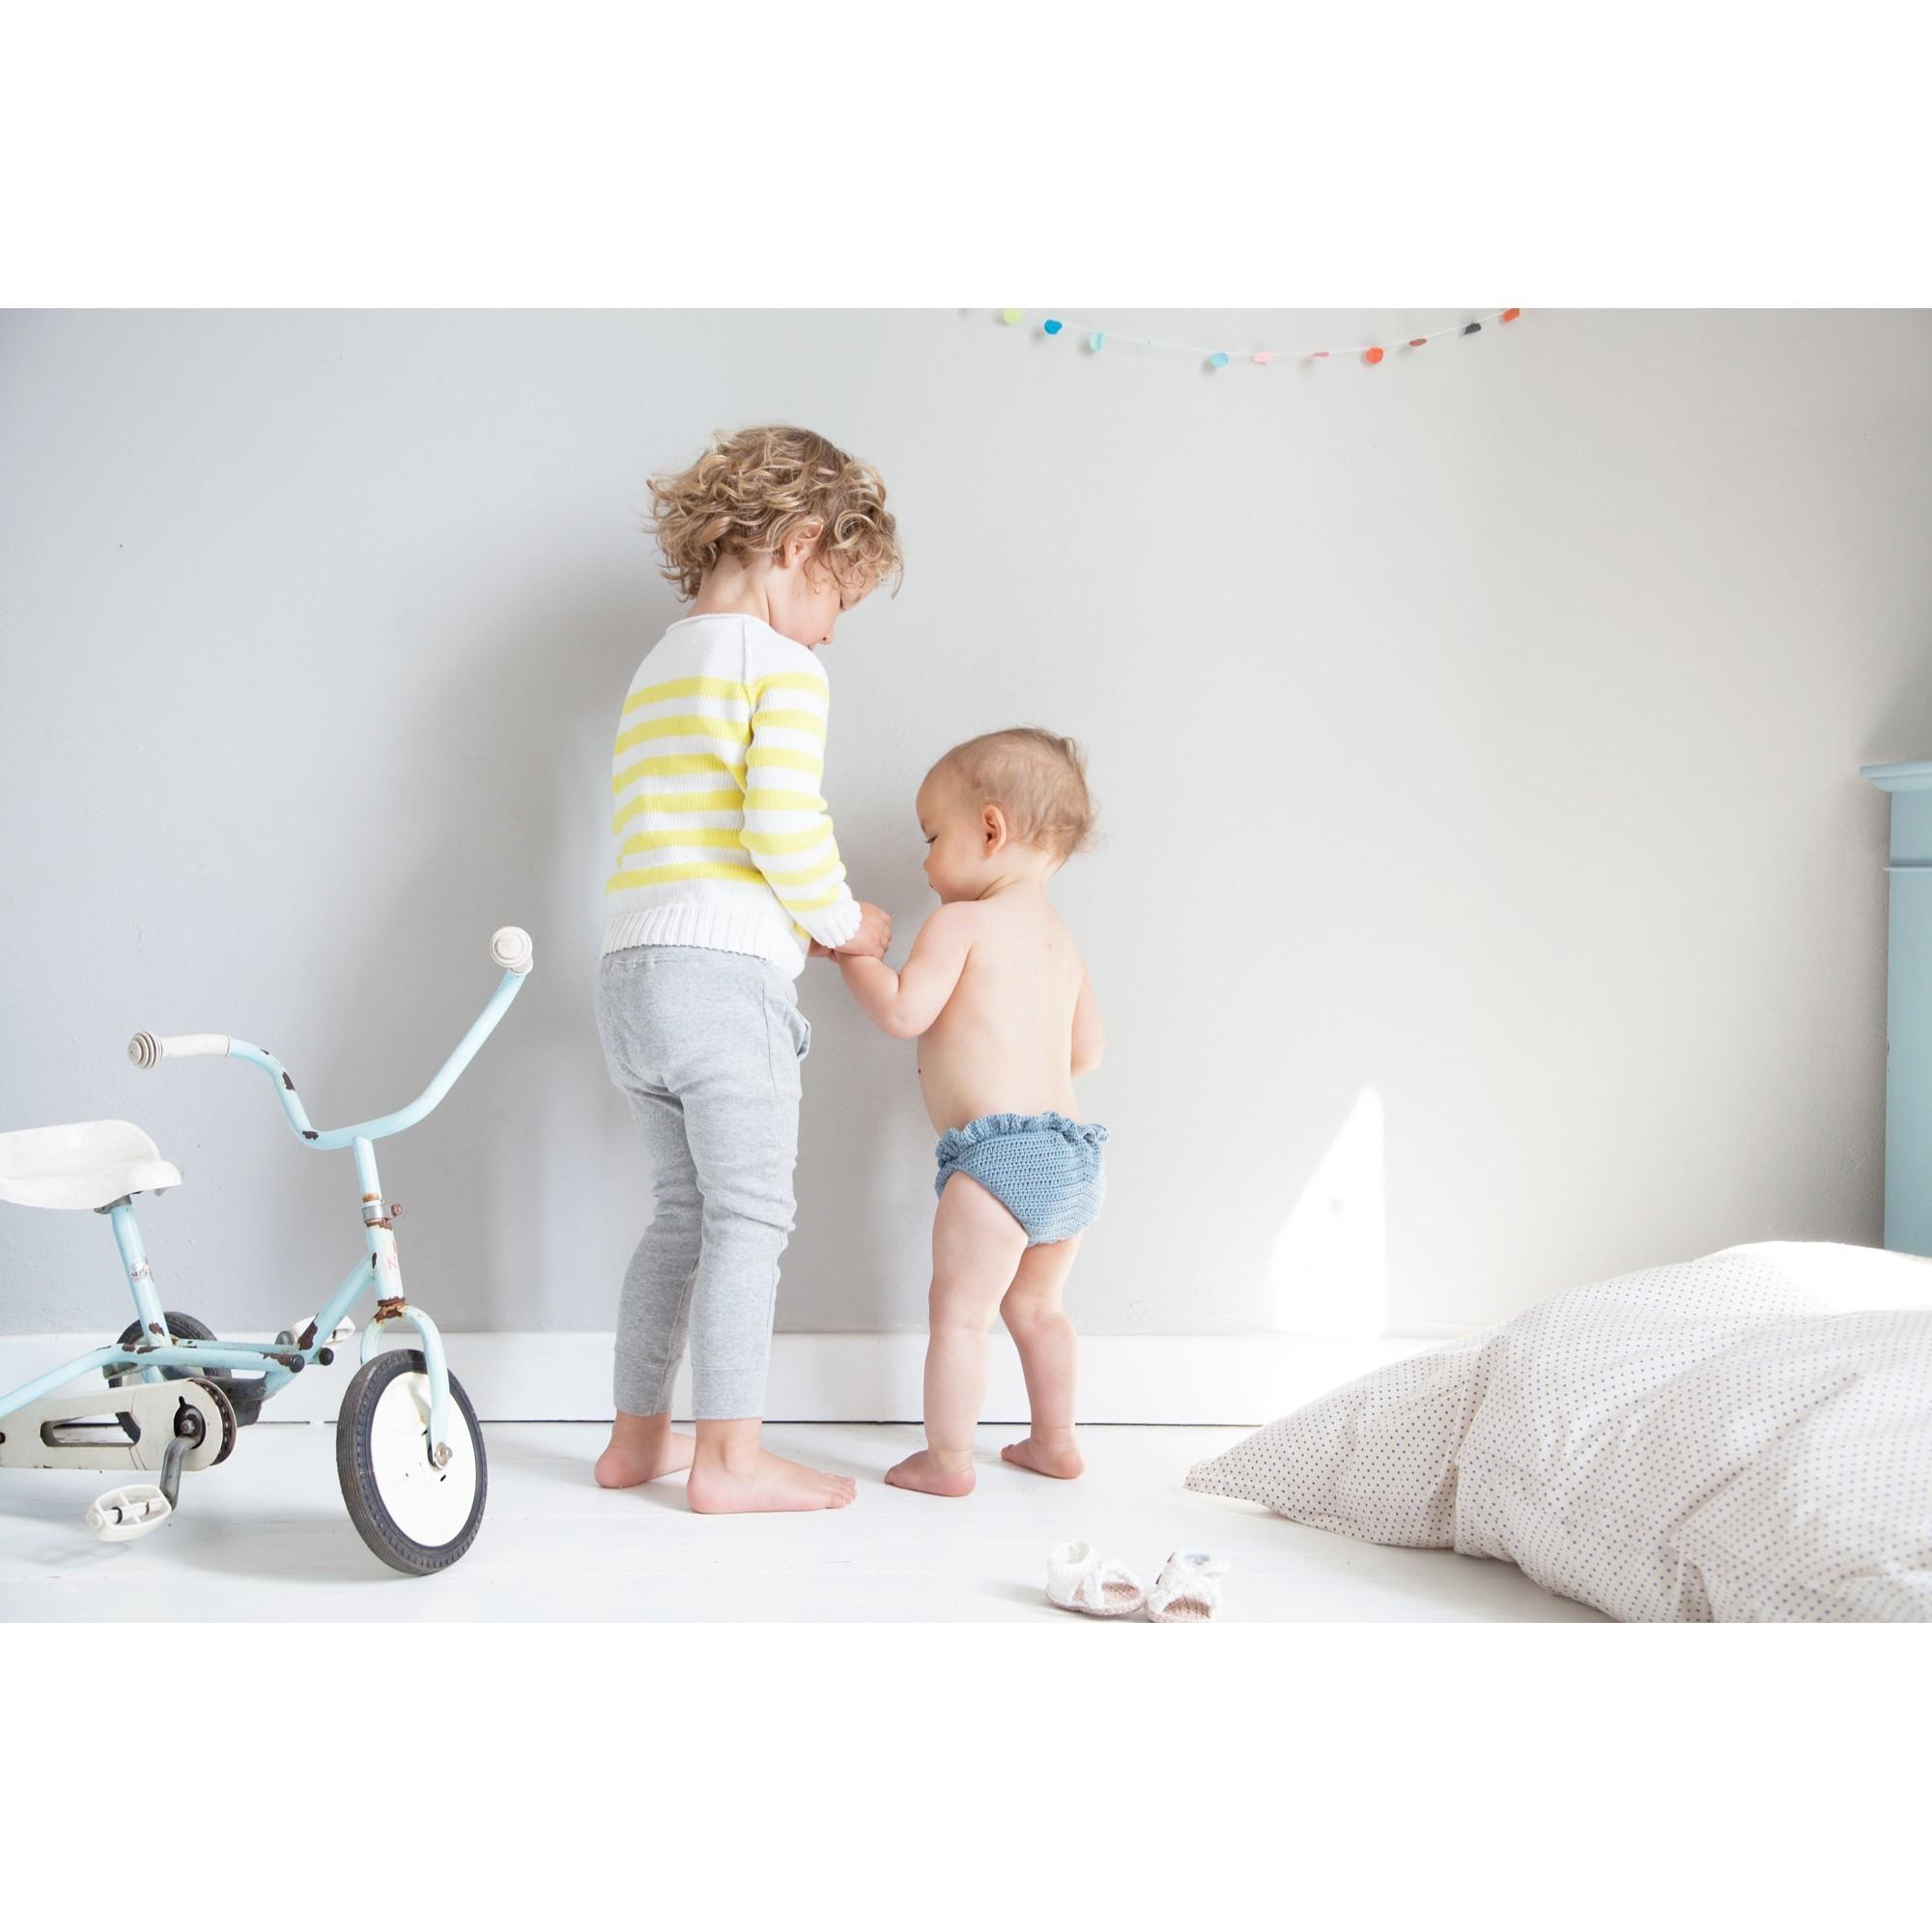 Maillot de bain Jocelyn tricoté au crochet pour bébé - porté - coloris bleur azur - autre vue